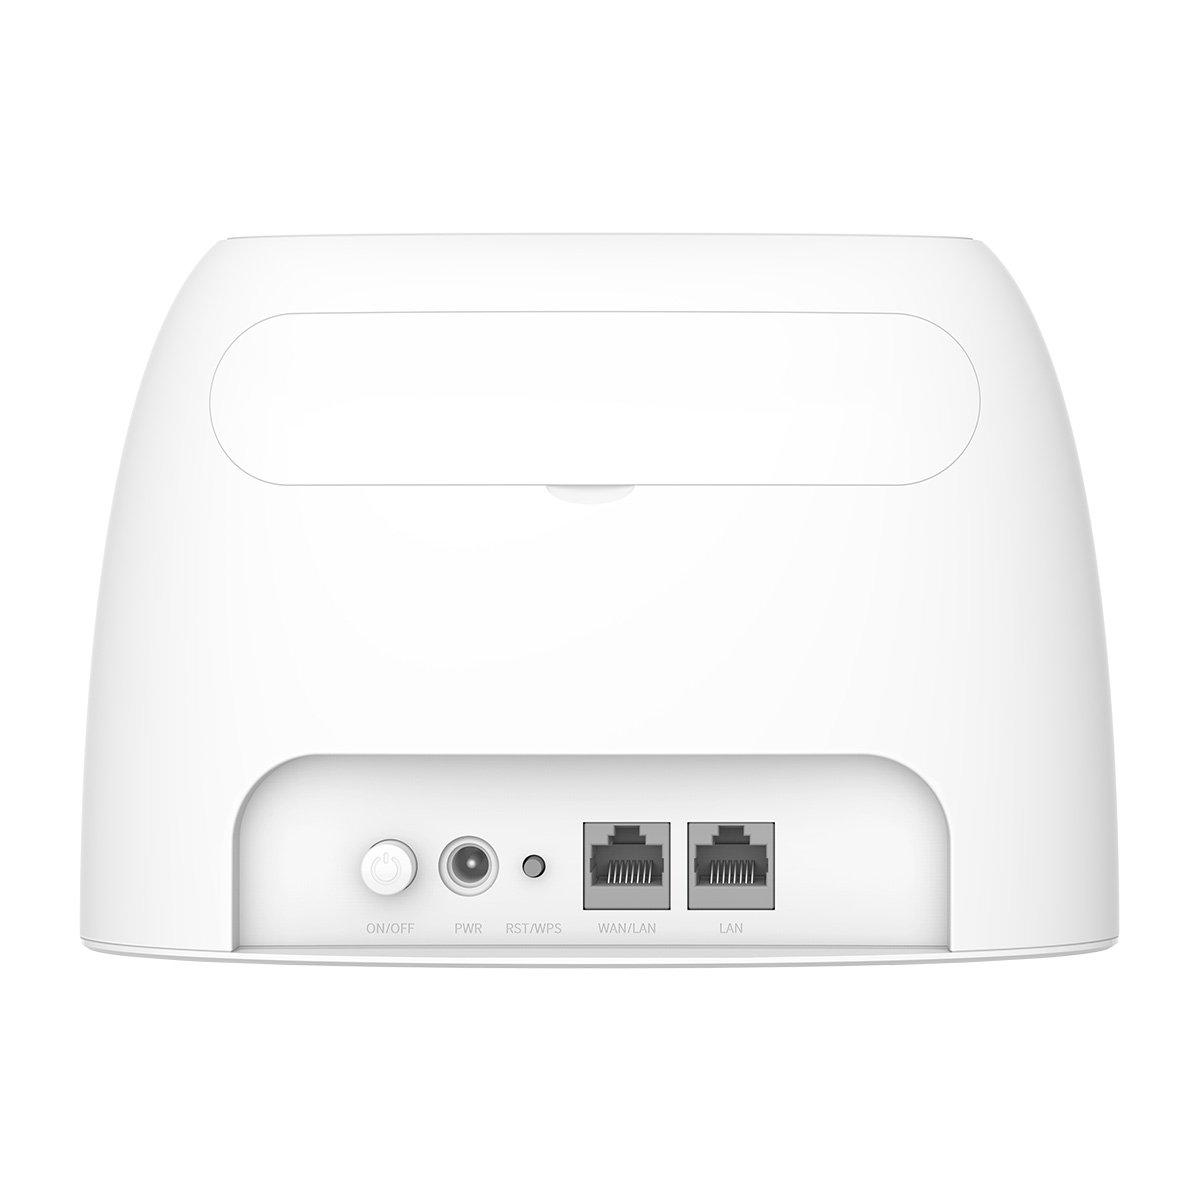 Router WiFi 4G N300 LTE con slot per SIM card - retro